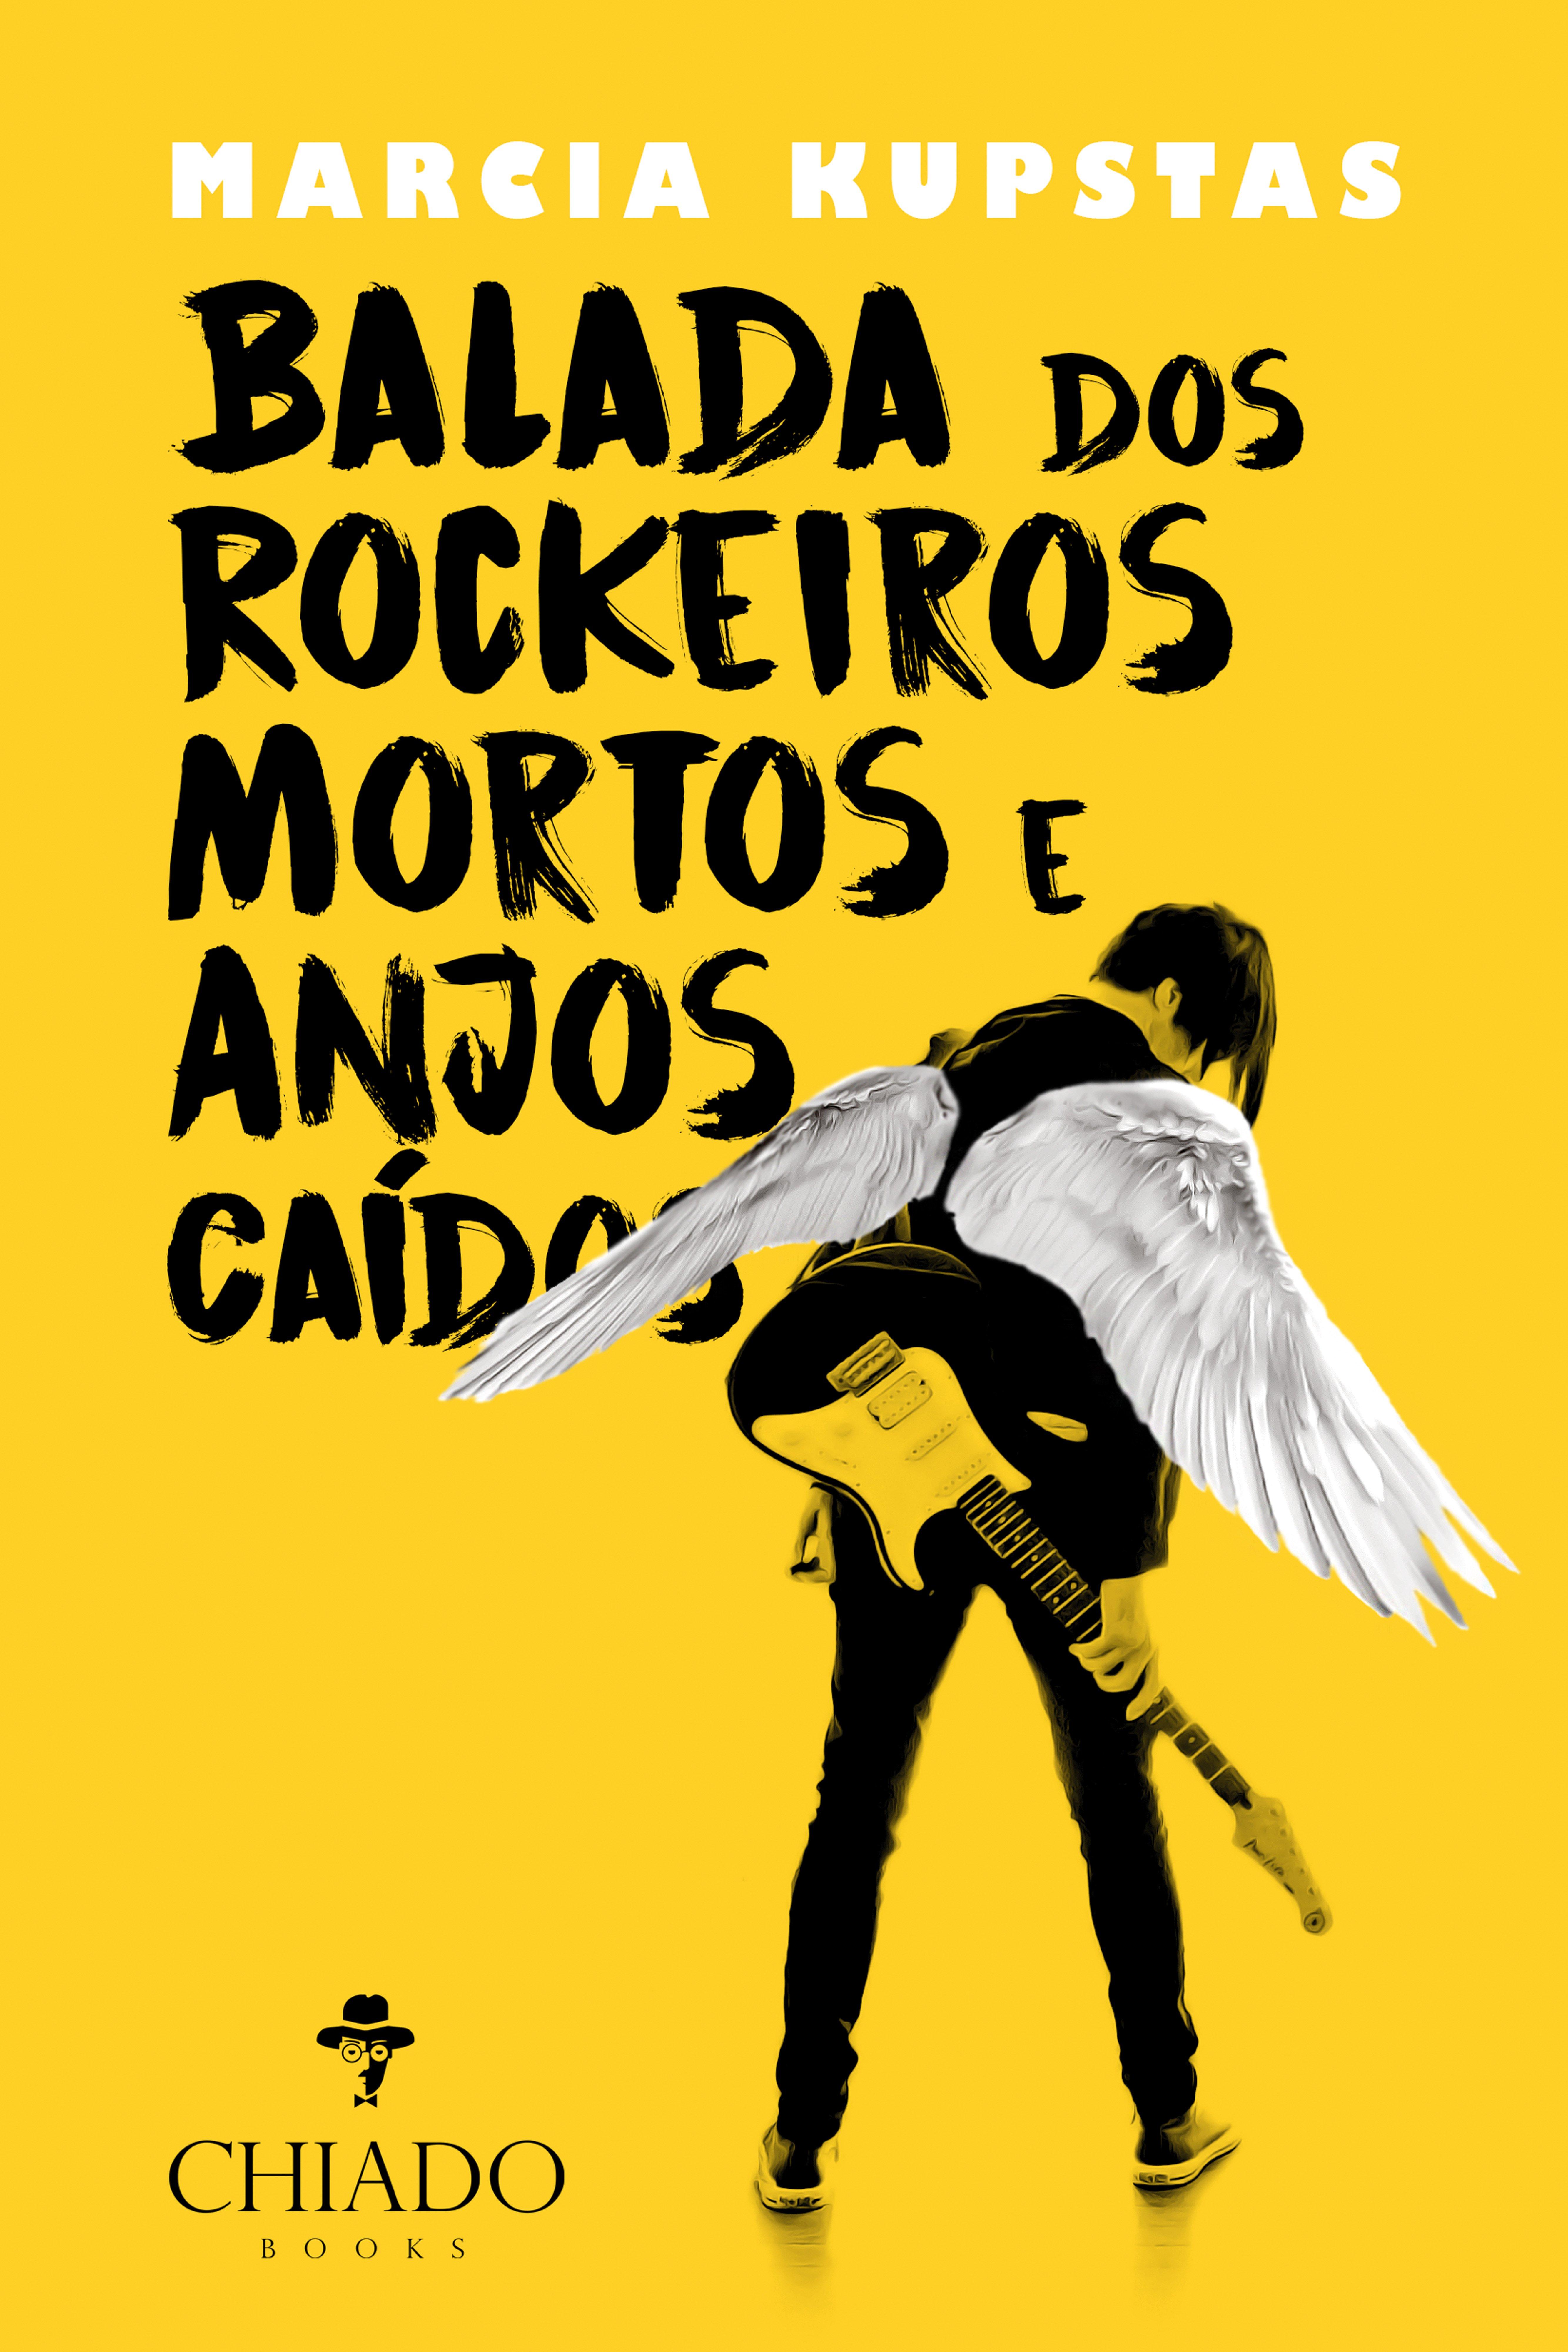 Balada dos Rockeiros mortos e anjos caidos_CAPA FRENTE.jpg